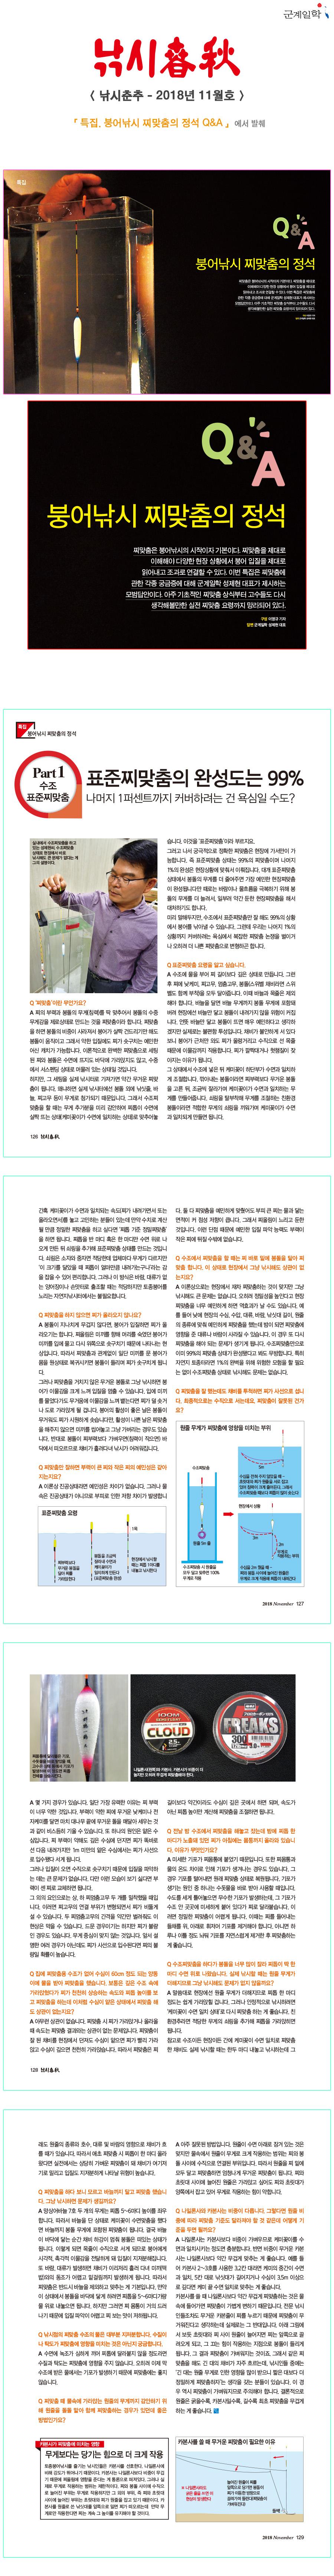 낚시춘추 2018년 11월호 - 특집.붕어낚시 찌맞춤의 정석 1.jpg